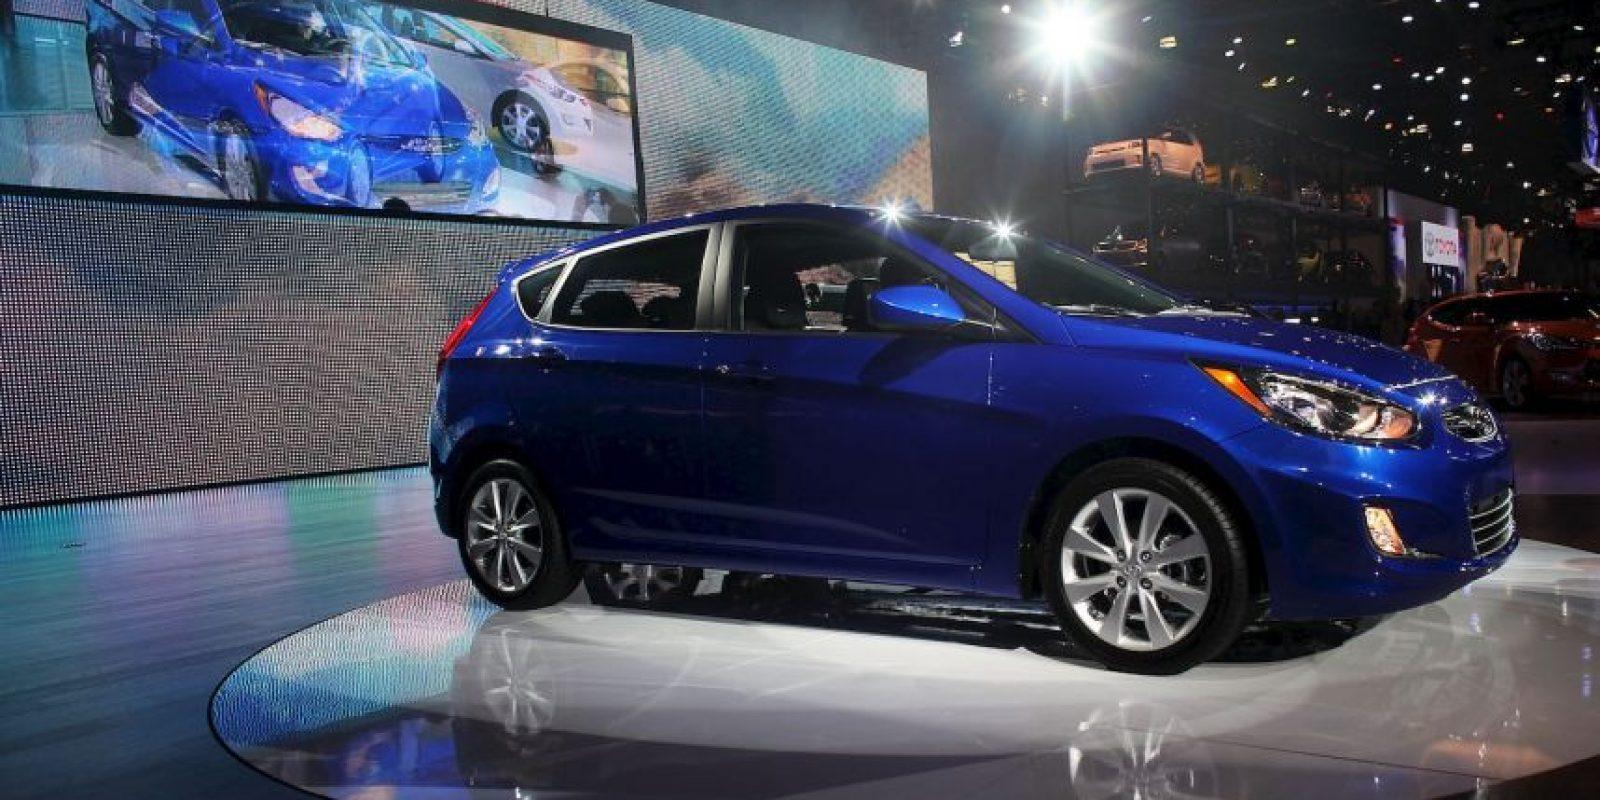 Los vehículos propiedad de la automotriz de Corea del Sur gastaban más gasolina de la que indicaban, esto según el escándalo dado a conocer en 2012 Foto:Getty Images